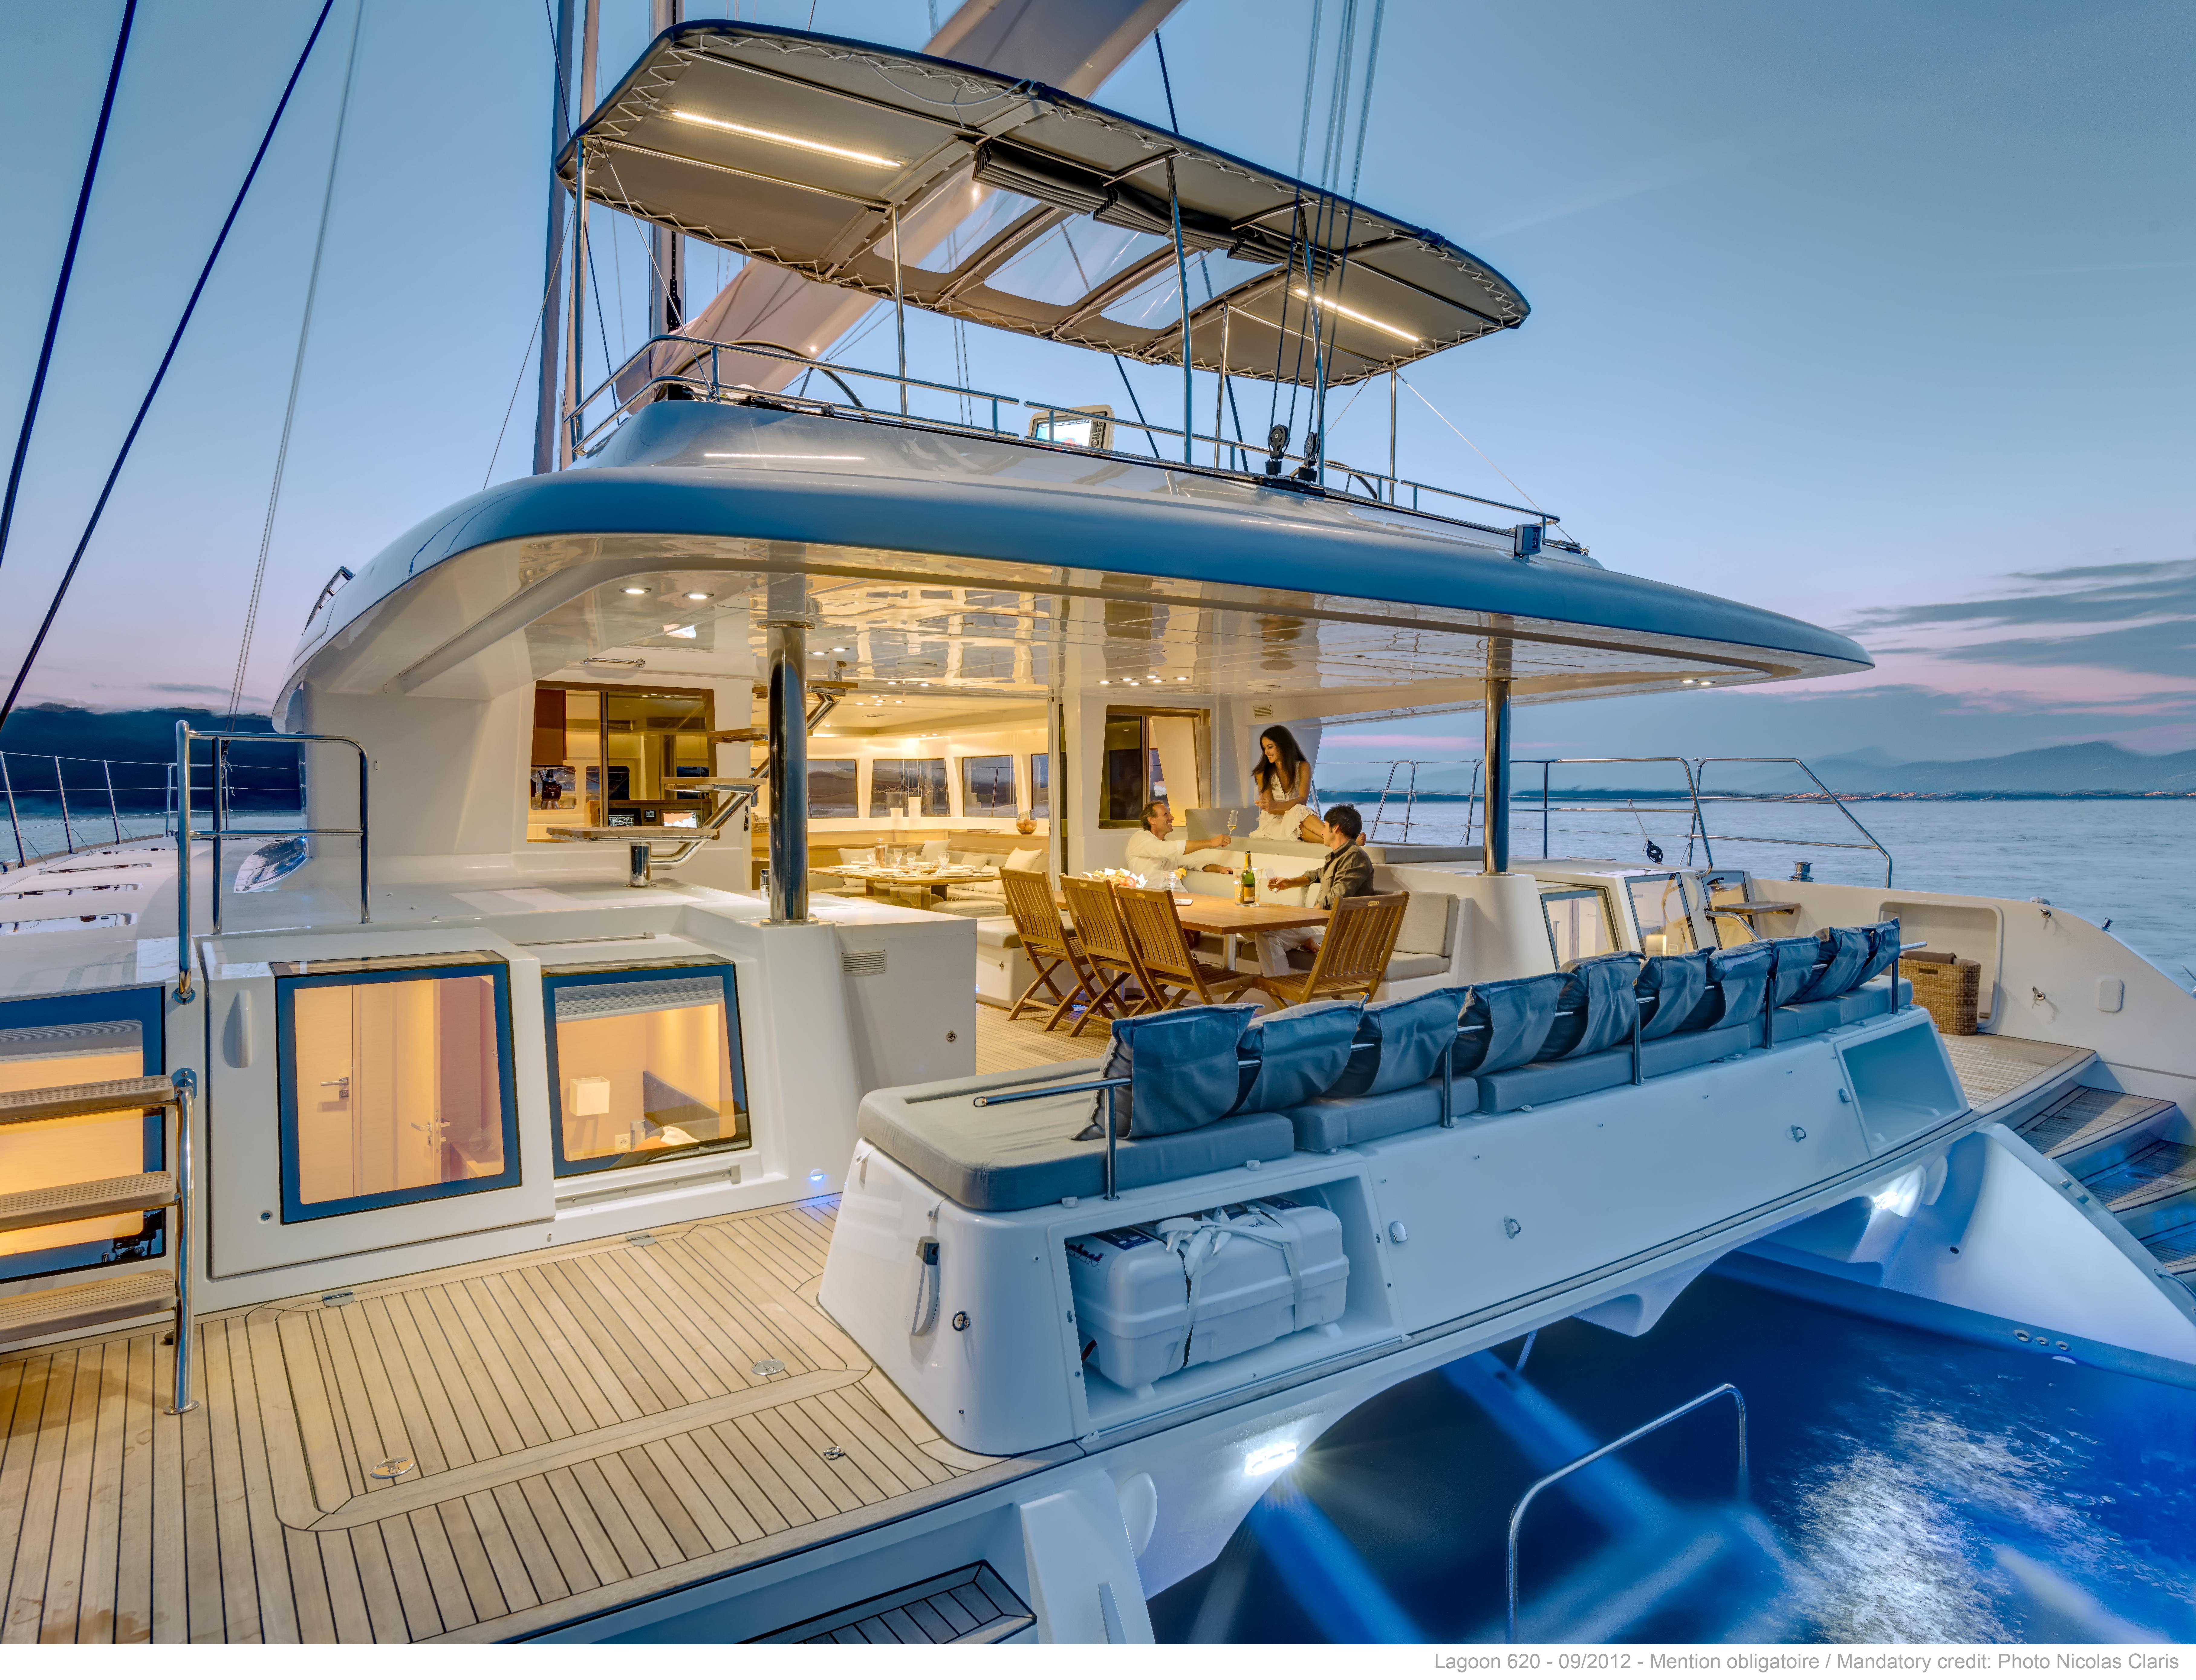 Lagoon 620 Cruise